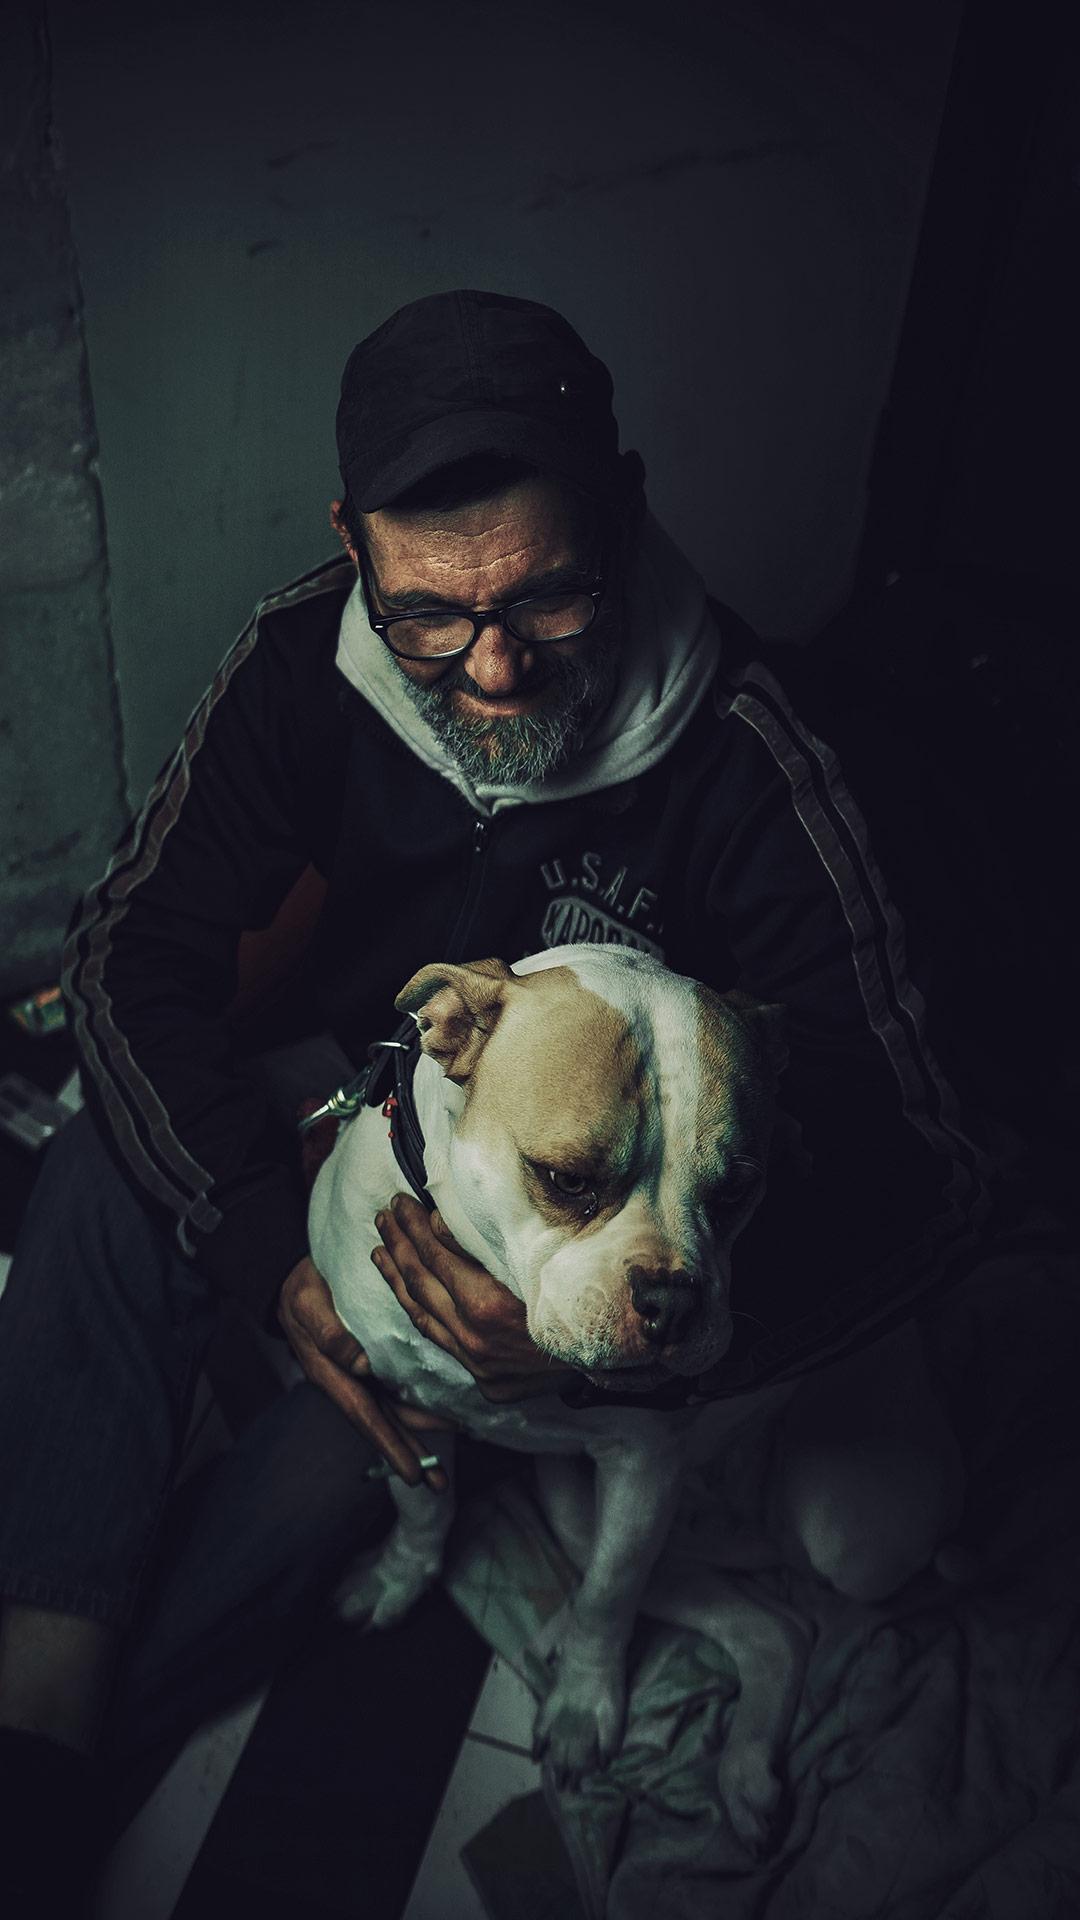 L'amitié ou Michel et sa chienne - Vivre dehors - 2019